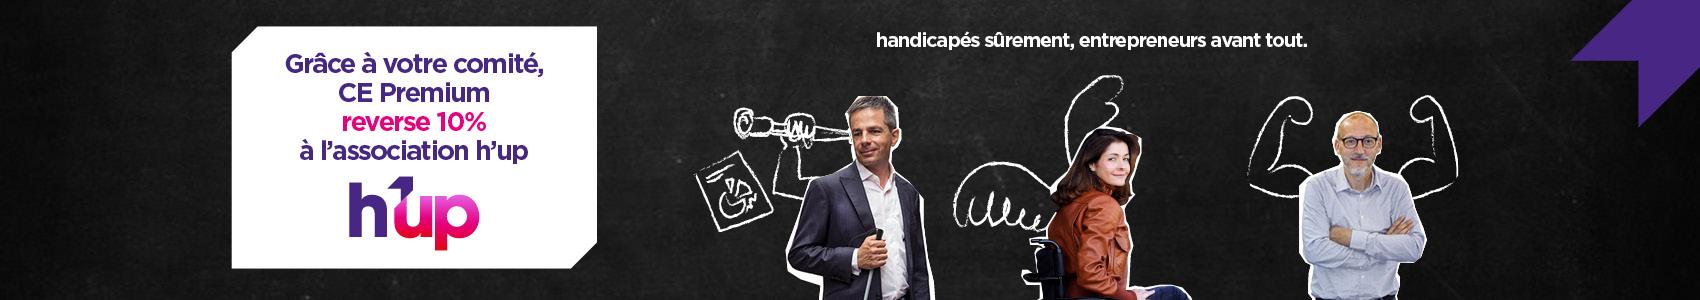 premium-online-site-ce-h-up-entrepreneurs-soutien-handicapes-promotion